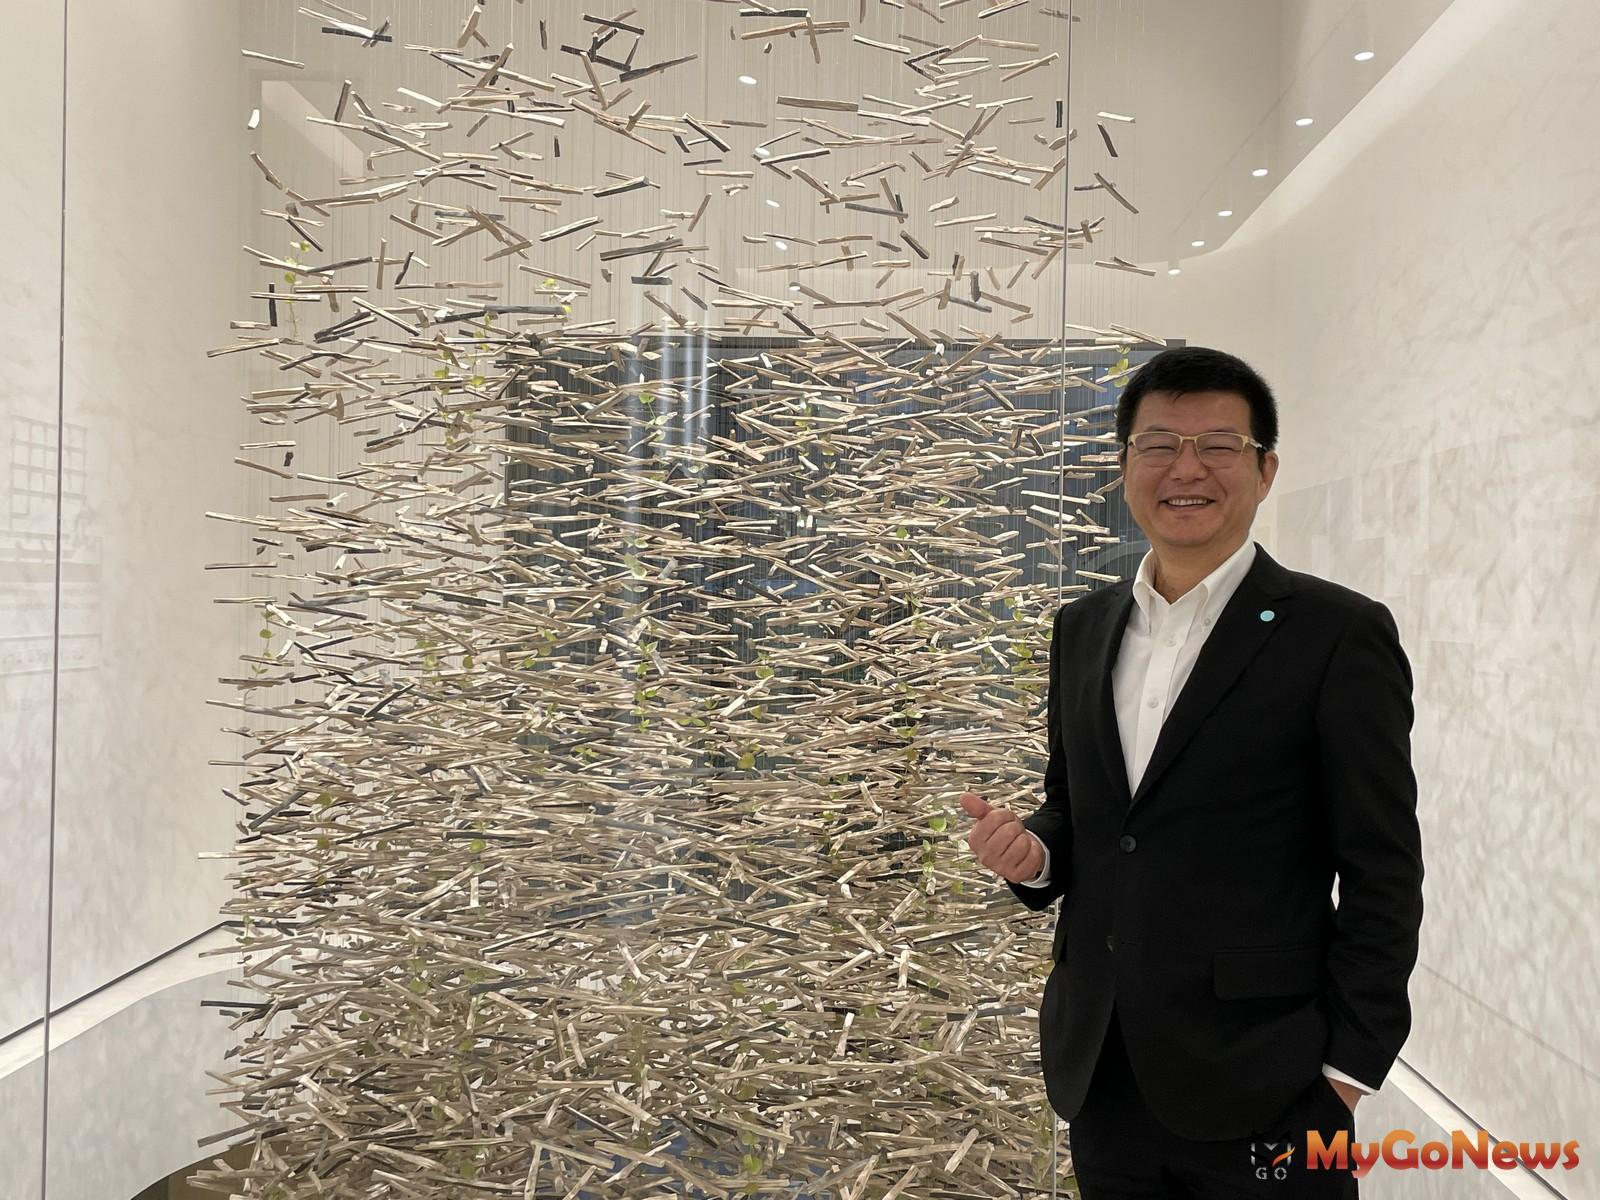 甲桂林廣告副總經理劉吉祥表示:「新美齊心居」受到菁英自住客的認同,目前銷售達8成。 MyGoNews房地產新聞 熱銷推案